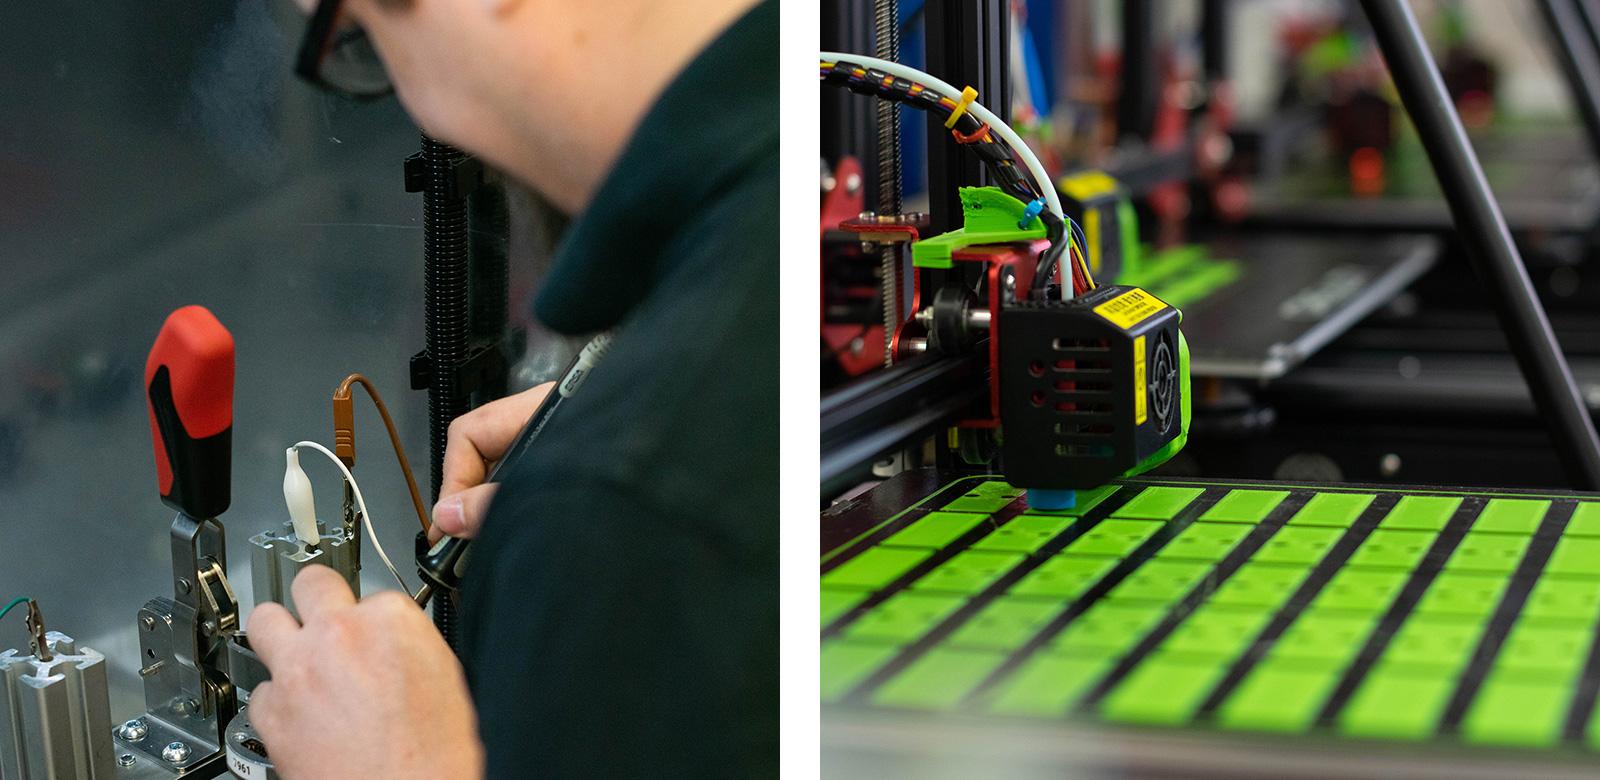 Herstellung von Sensoren bei Greenwood Power